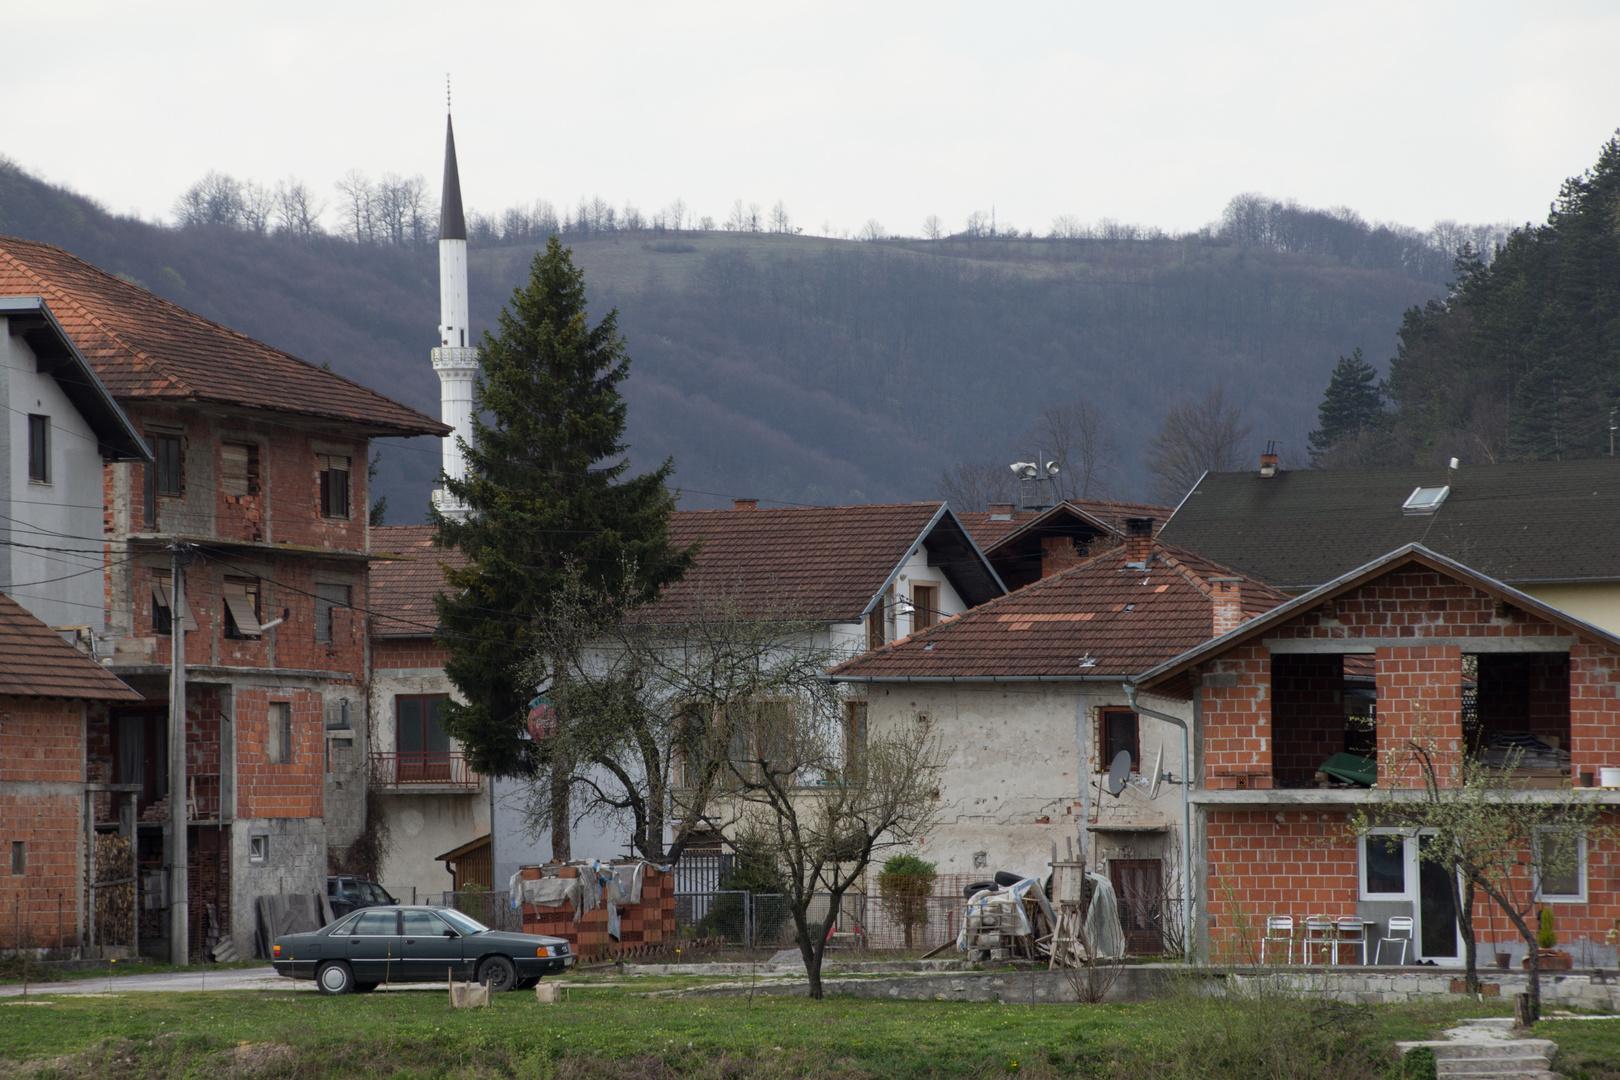 Häuser in der Stadt